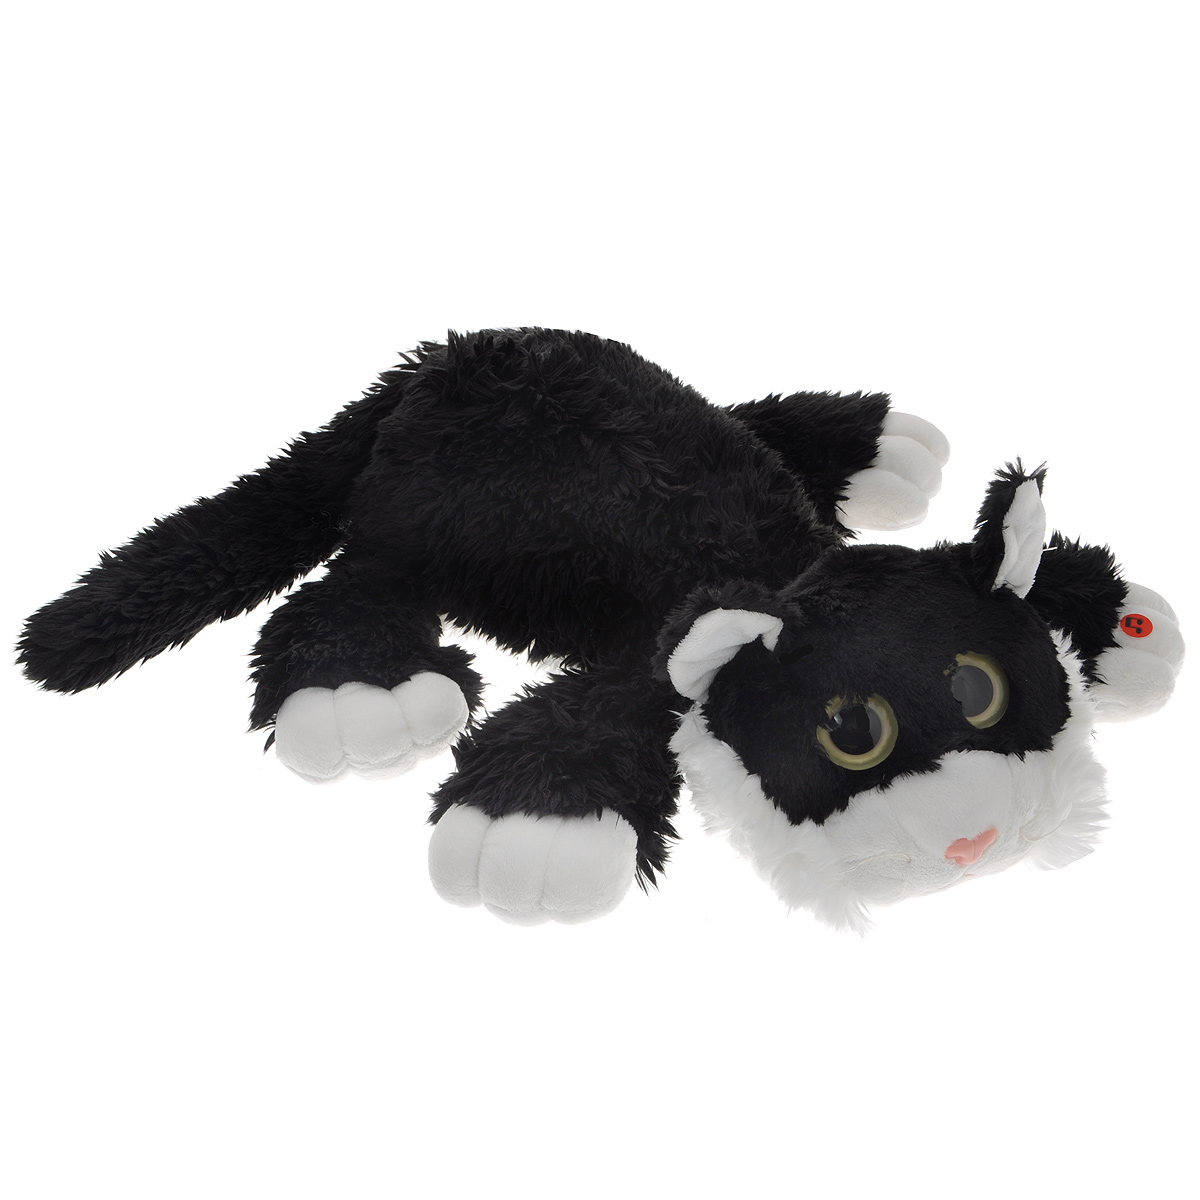 Мягкая игрушка Gulliver Котик Шалунишка, озвученная, 45 см игрушка collecta котик шалунишка 18 3001 1